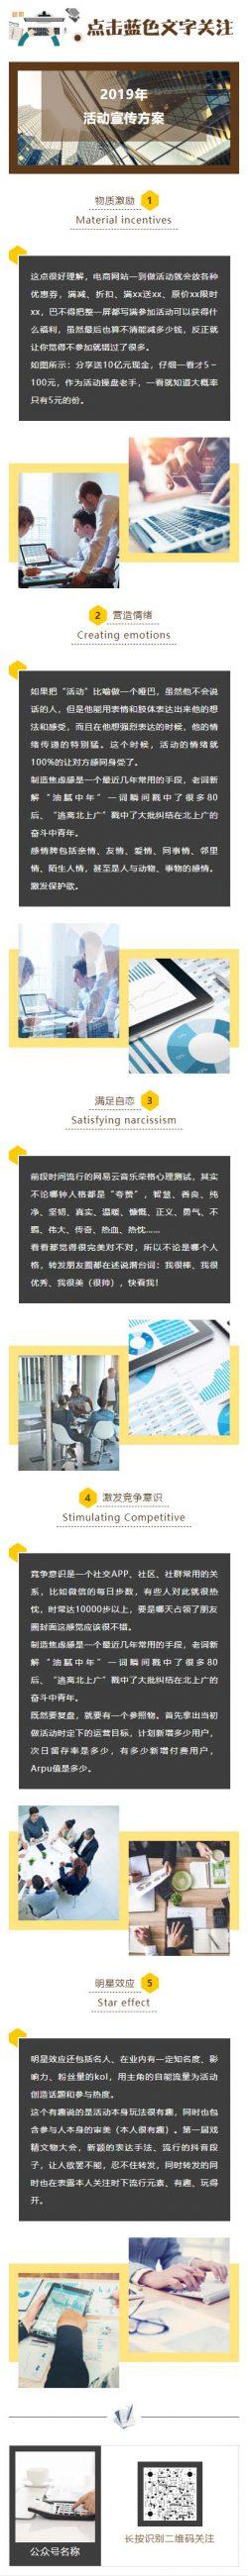 电商网站活动营销方案优惠活动推广微信模板